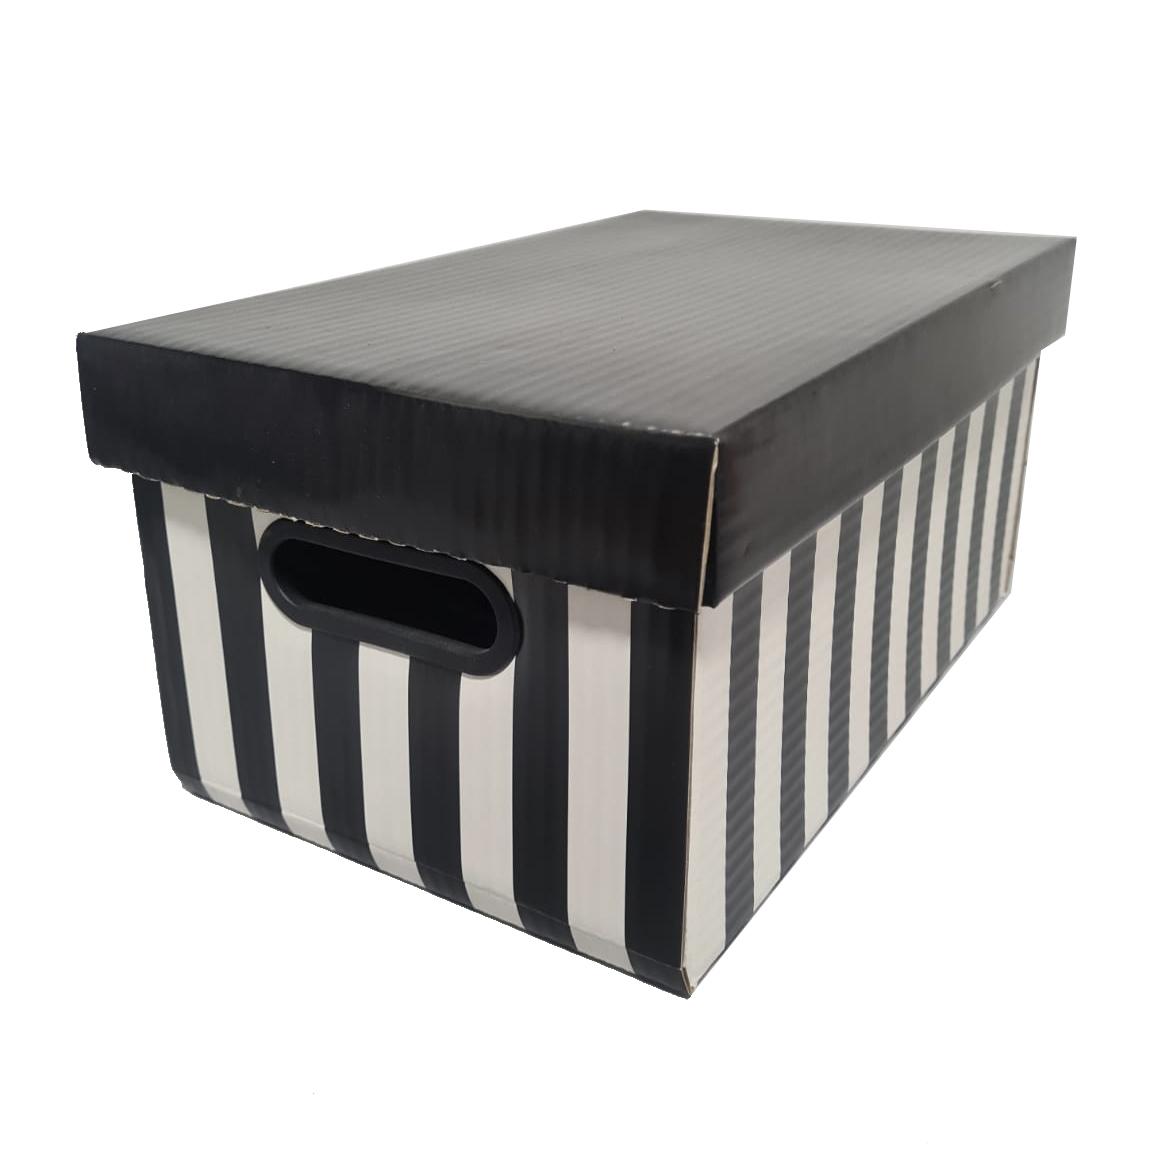 Caixa de Papelão  Organizadora Pequena - G1P